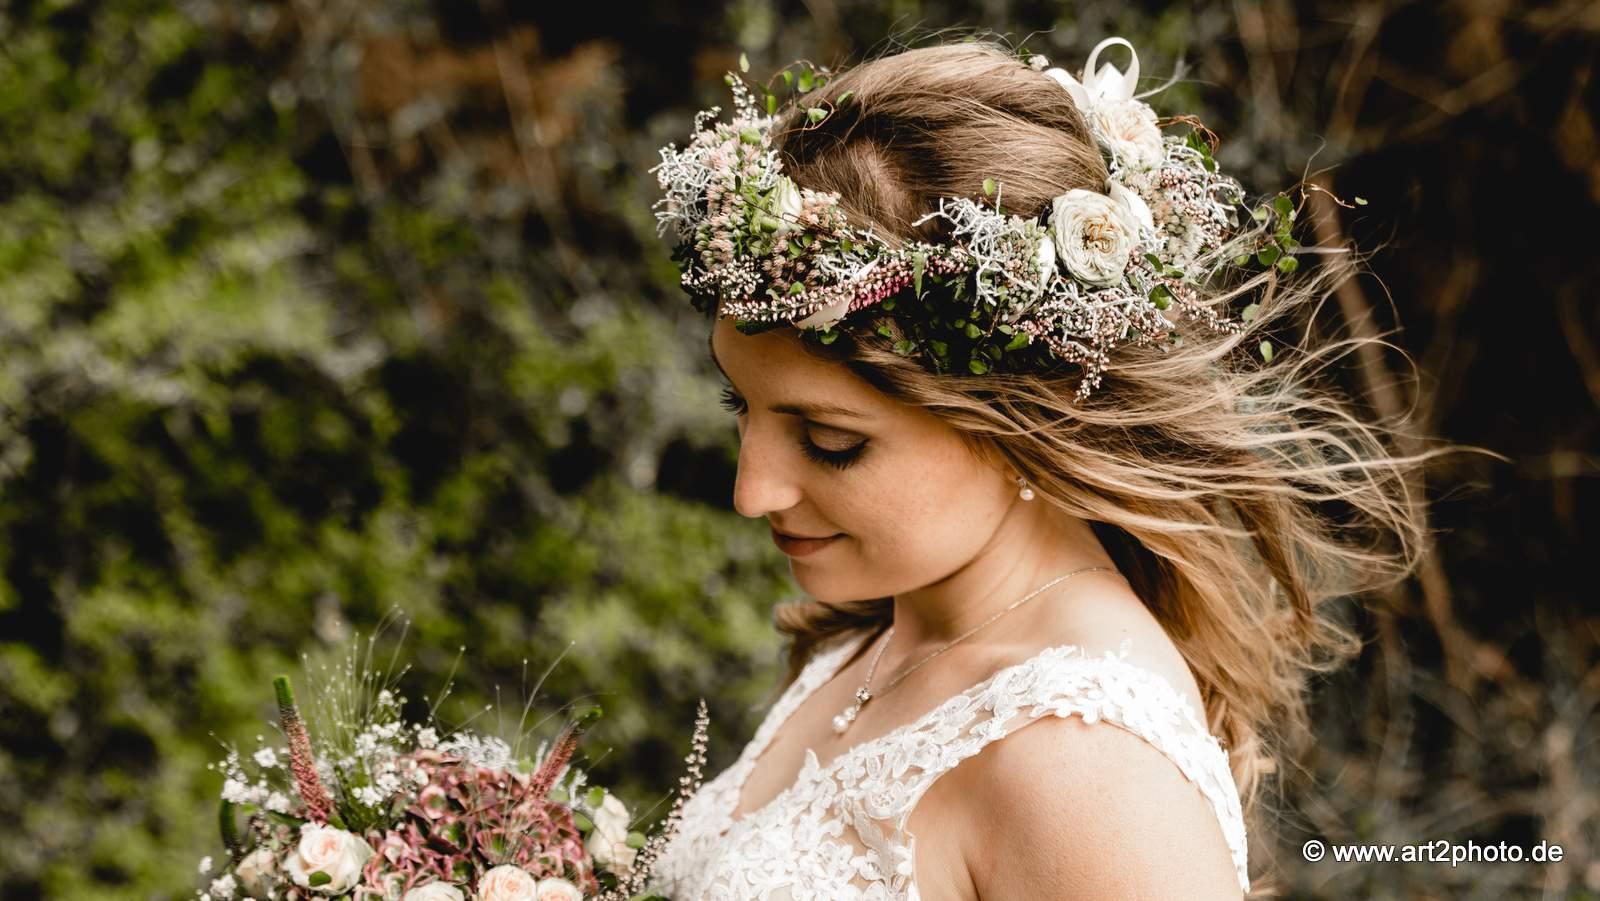 Haarschmuck mit Rosen, Heide, Sedum und Mühlenbeckia